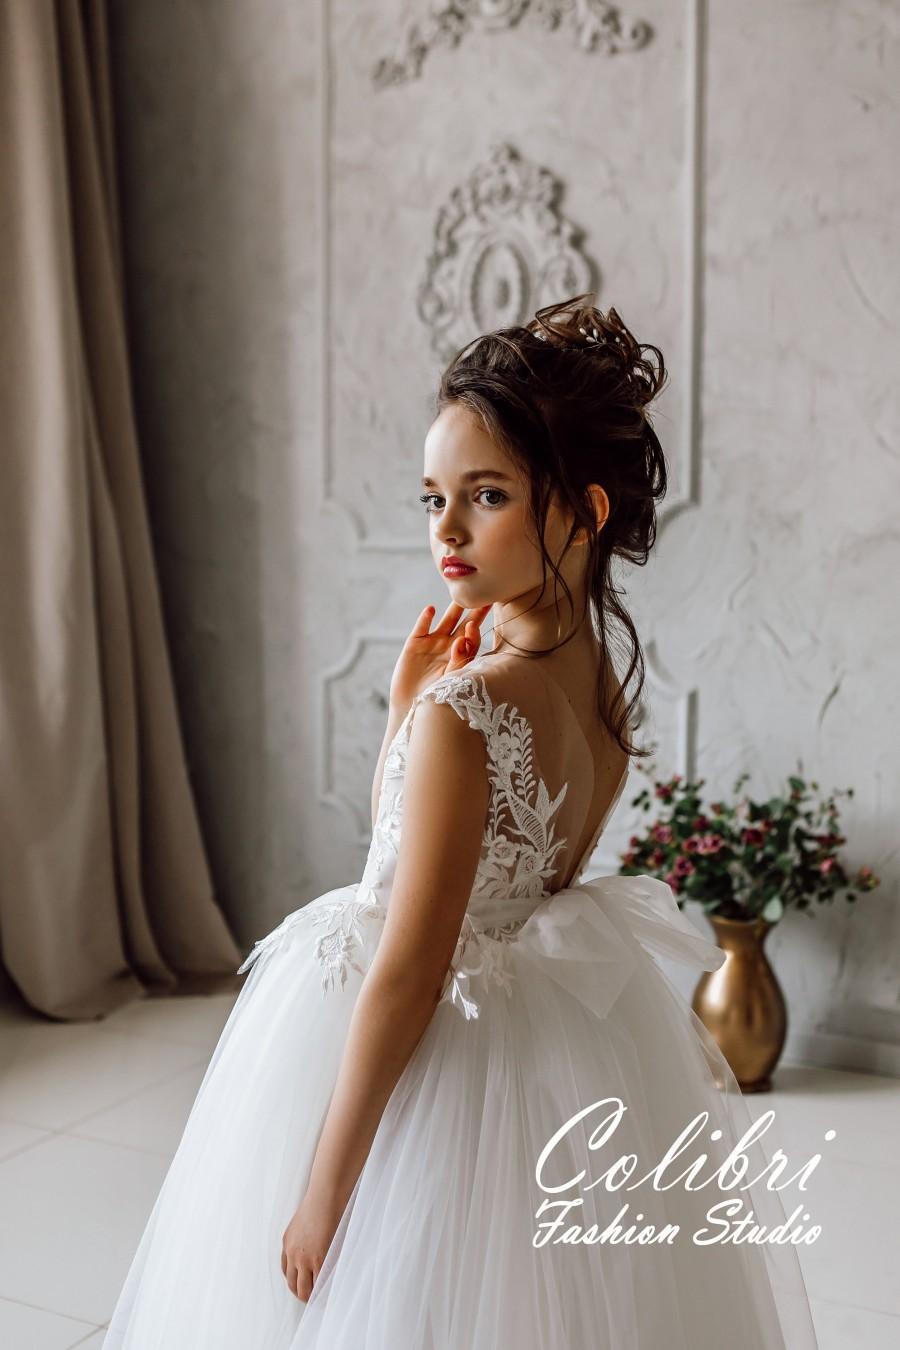 Mariage - Flower girl dress tulle, Flower girl dress lace, Ivory flower girl dress, Boho girl dress, First communion dress, Girl dress, Birthday dress